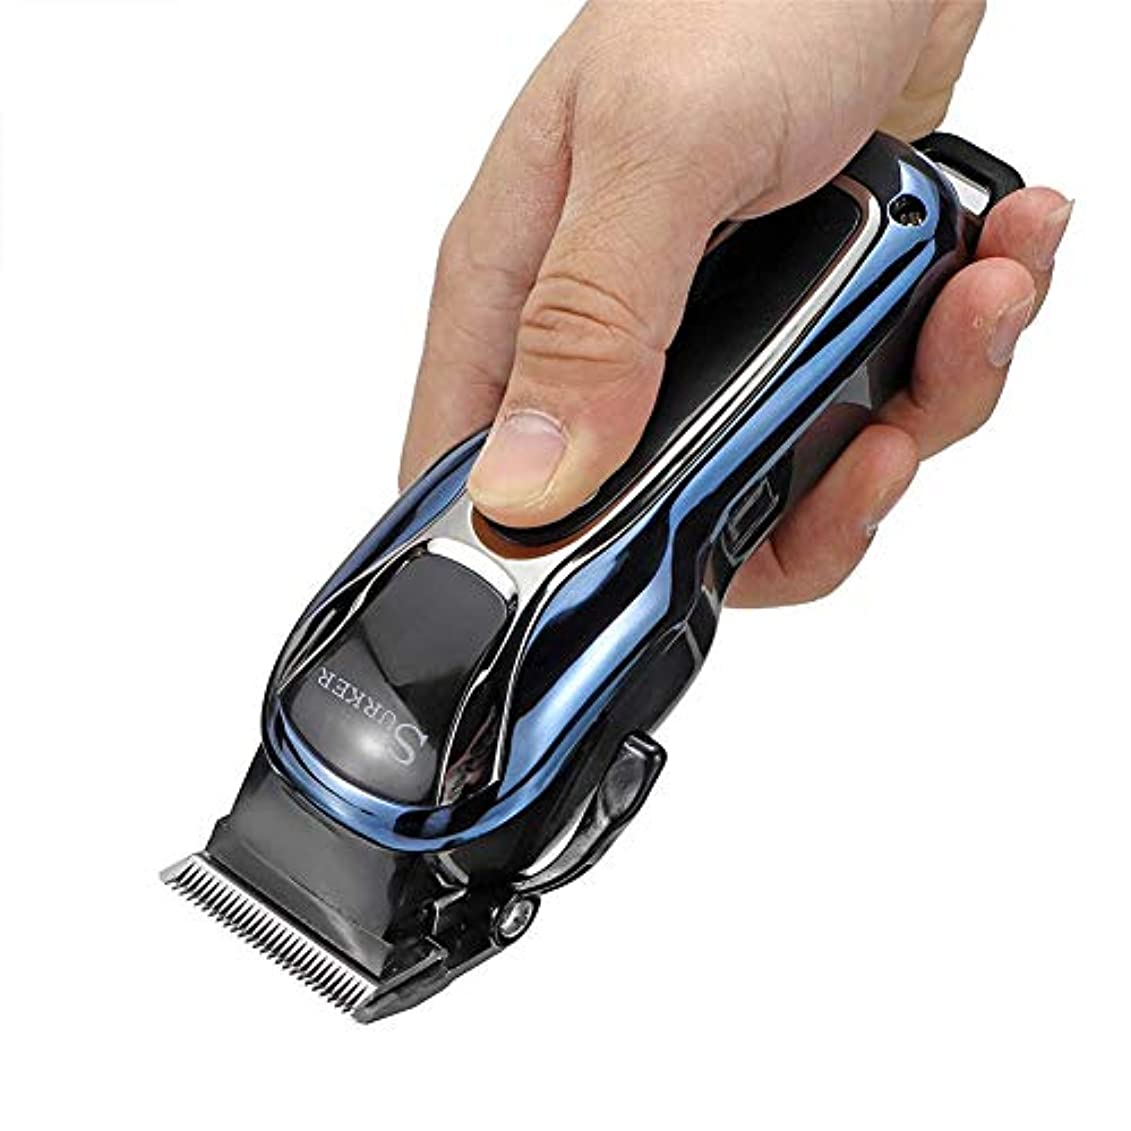 原点特権スナップバリカンプロフェッショナル液晶ヘアカッターヘアトリマー充電式メンズコードレス電気シェーバー髭剃りカミソリヘアカット機